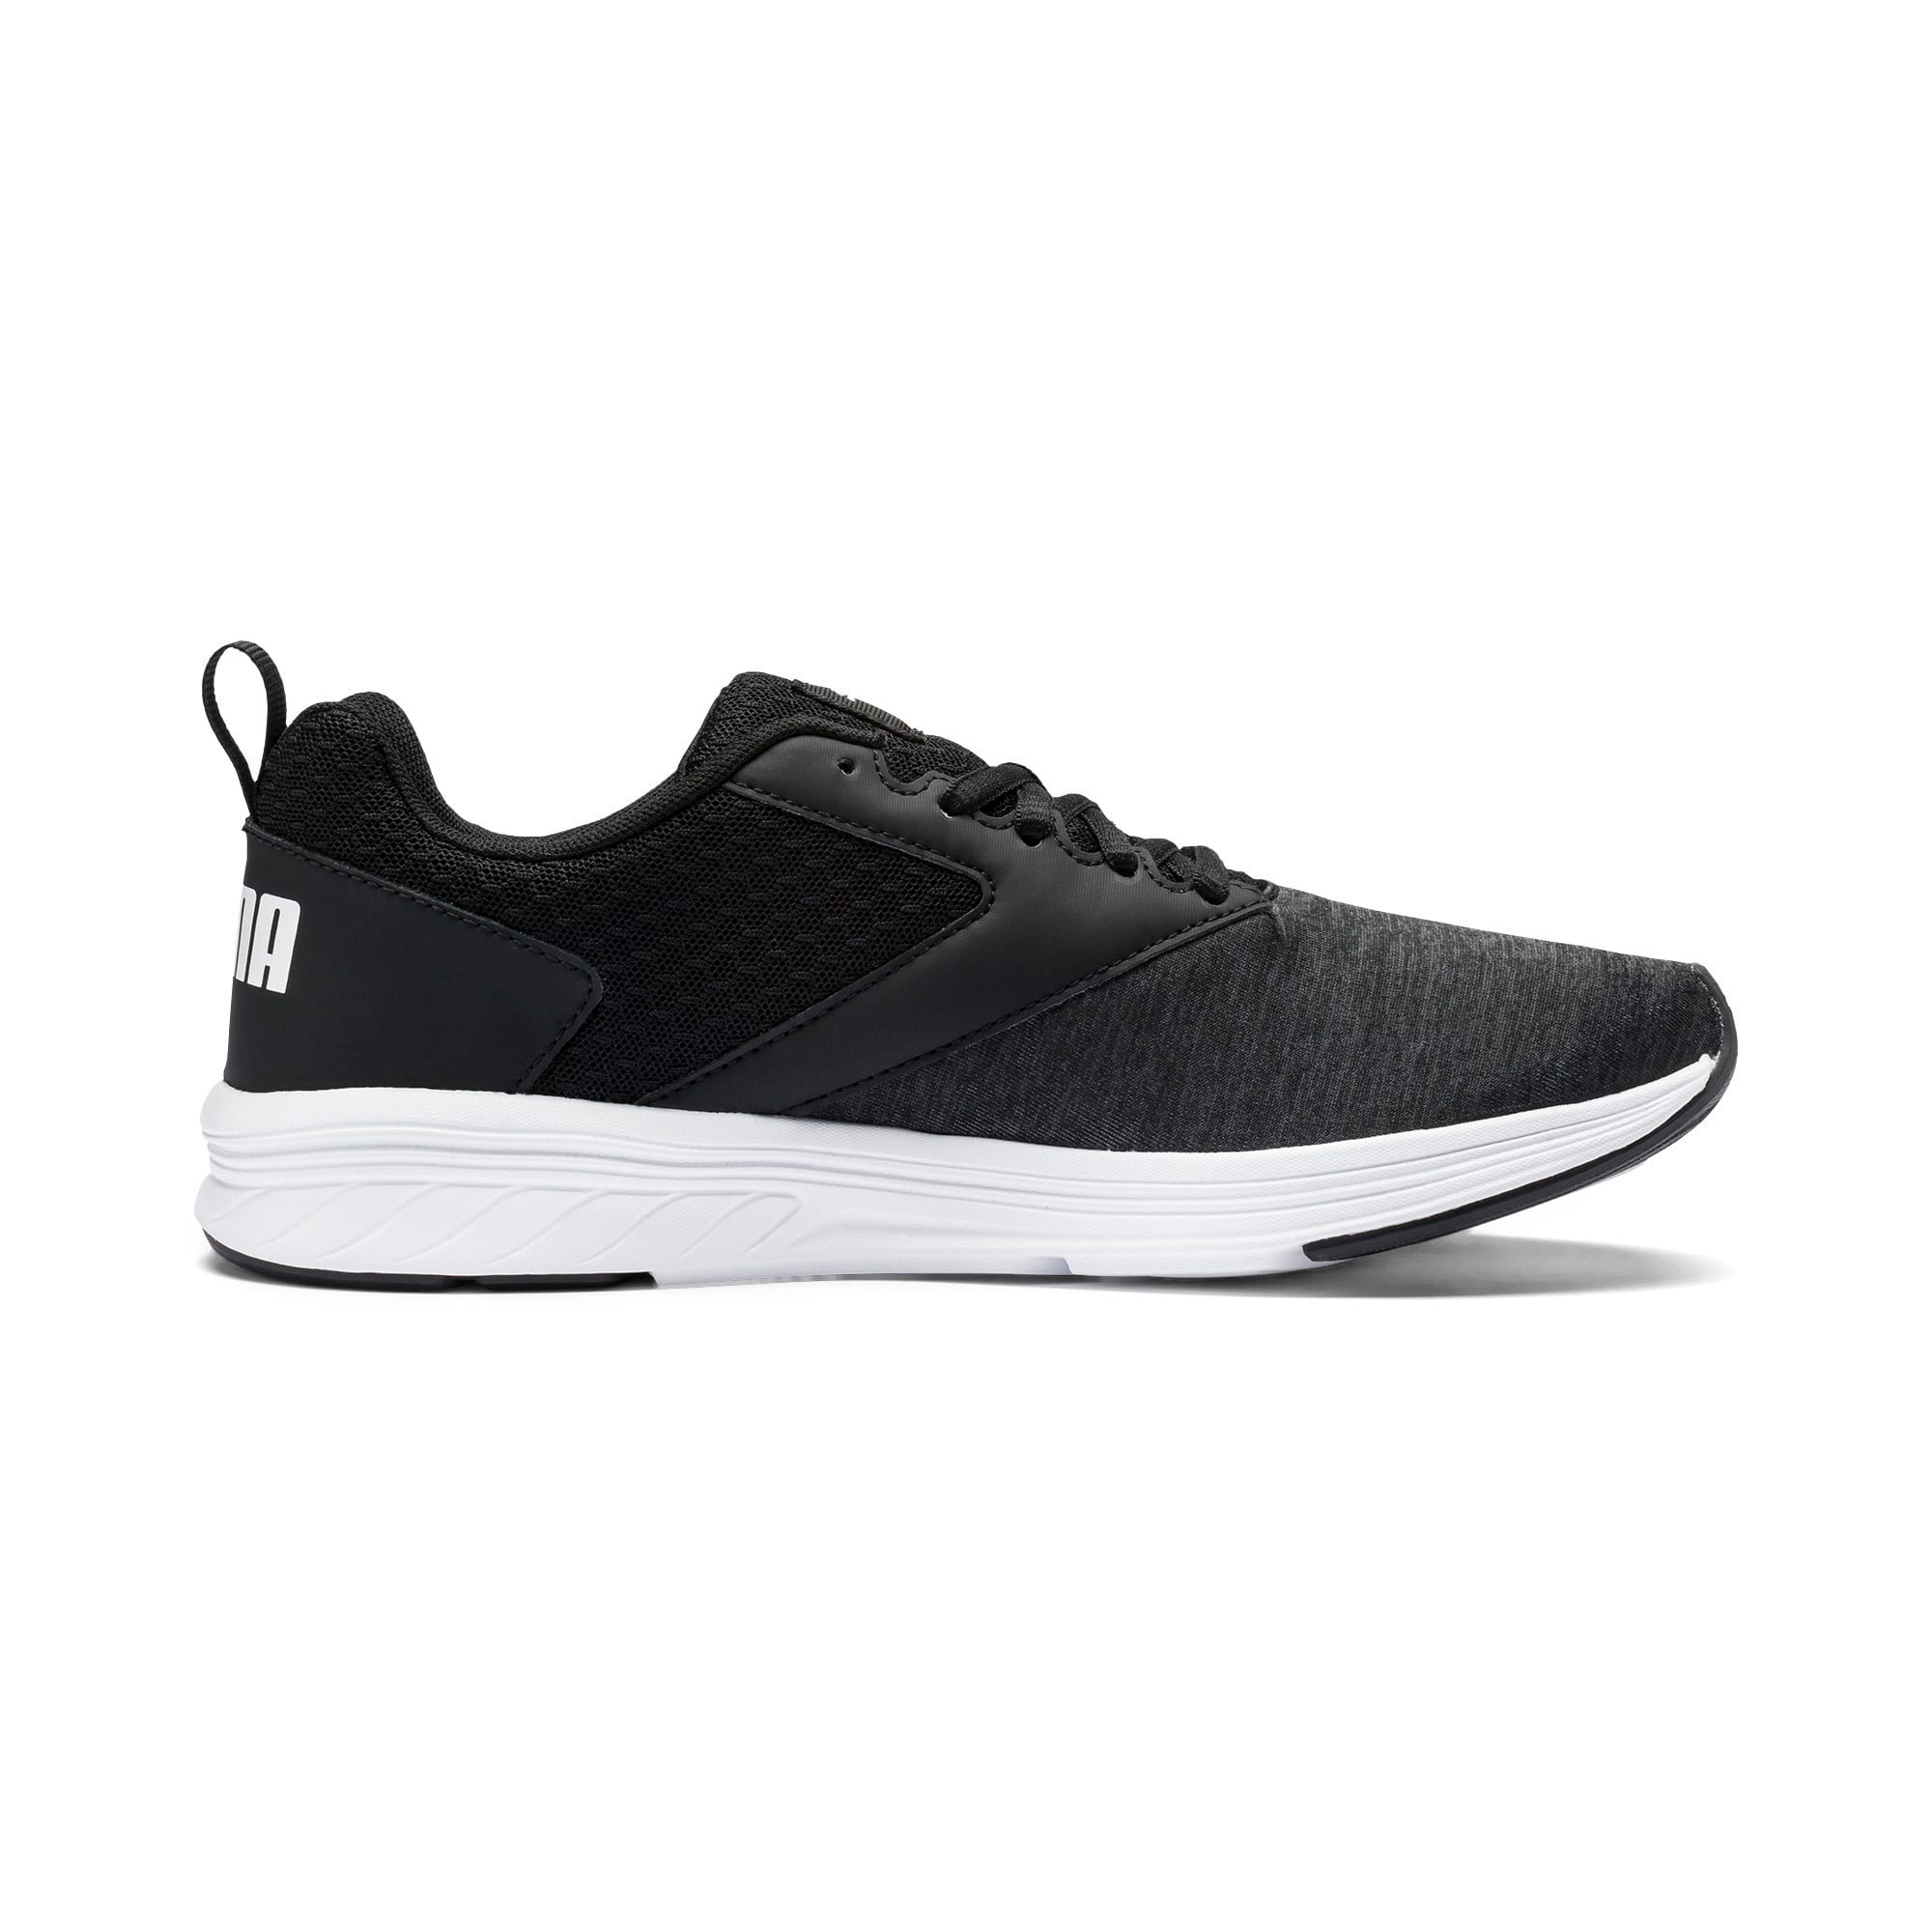 Miniatura 5 de Zapatos para correr NRGY Comet, Puma Black-Puma White, mediano